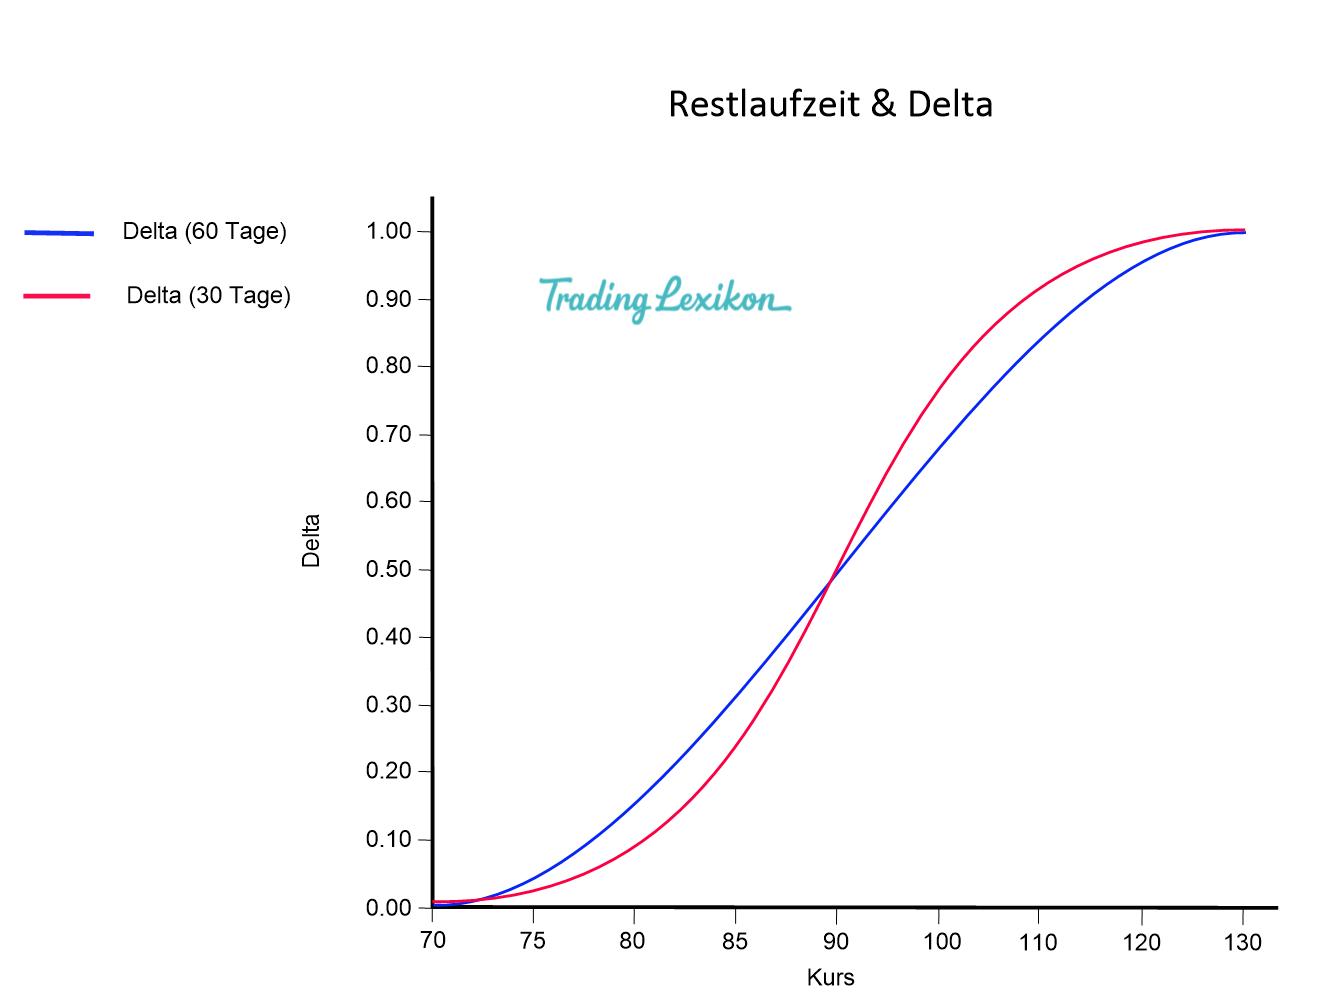 Delta & Restlaufzeit